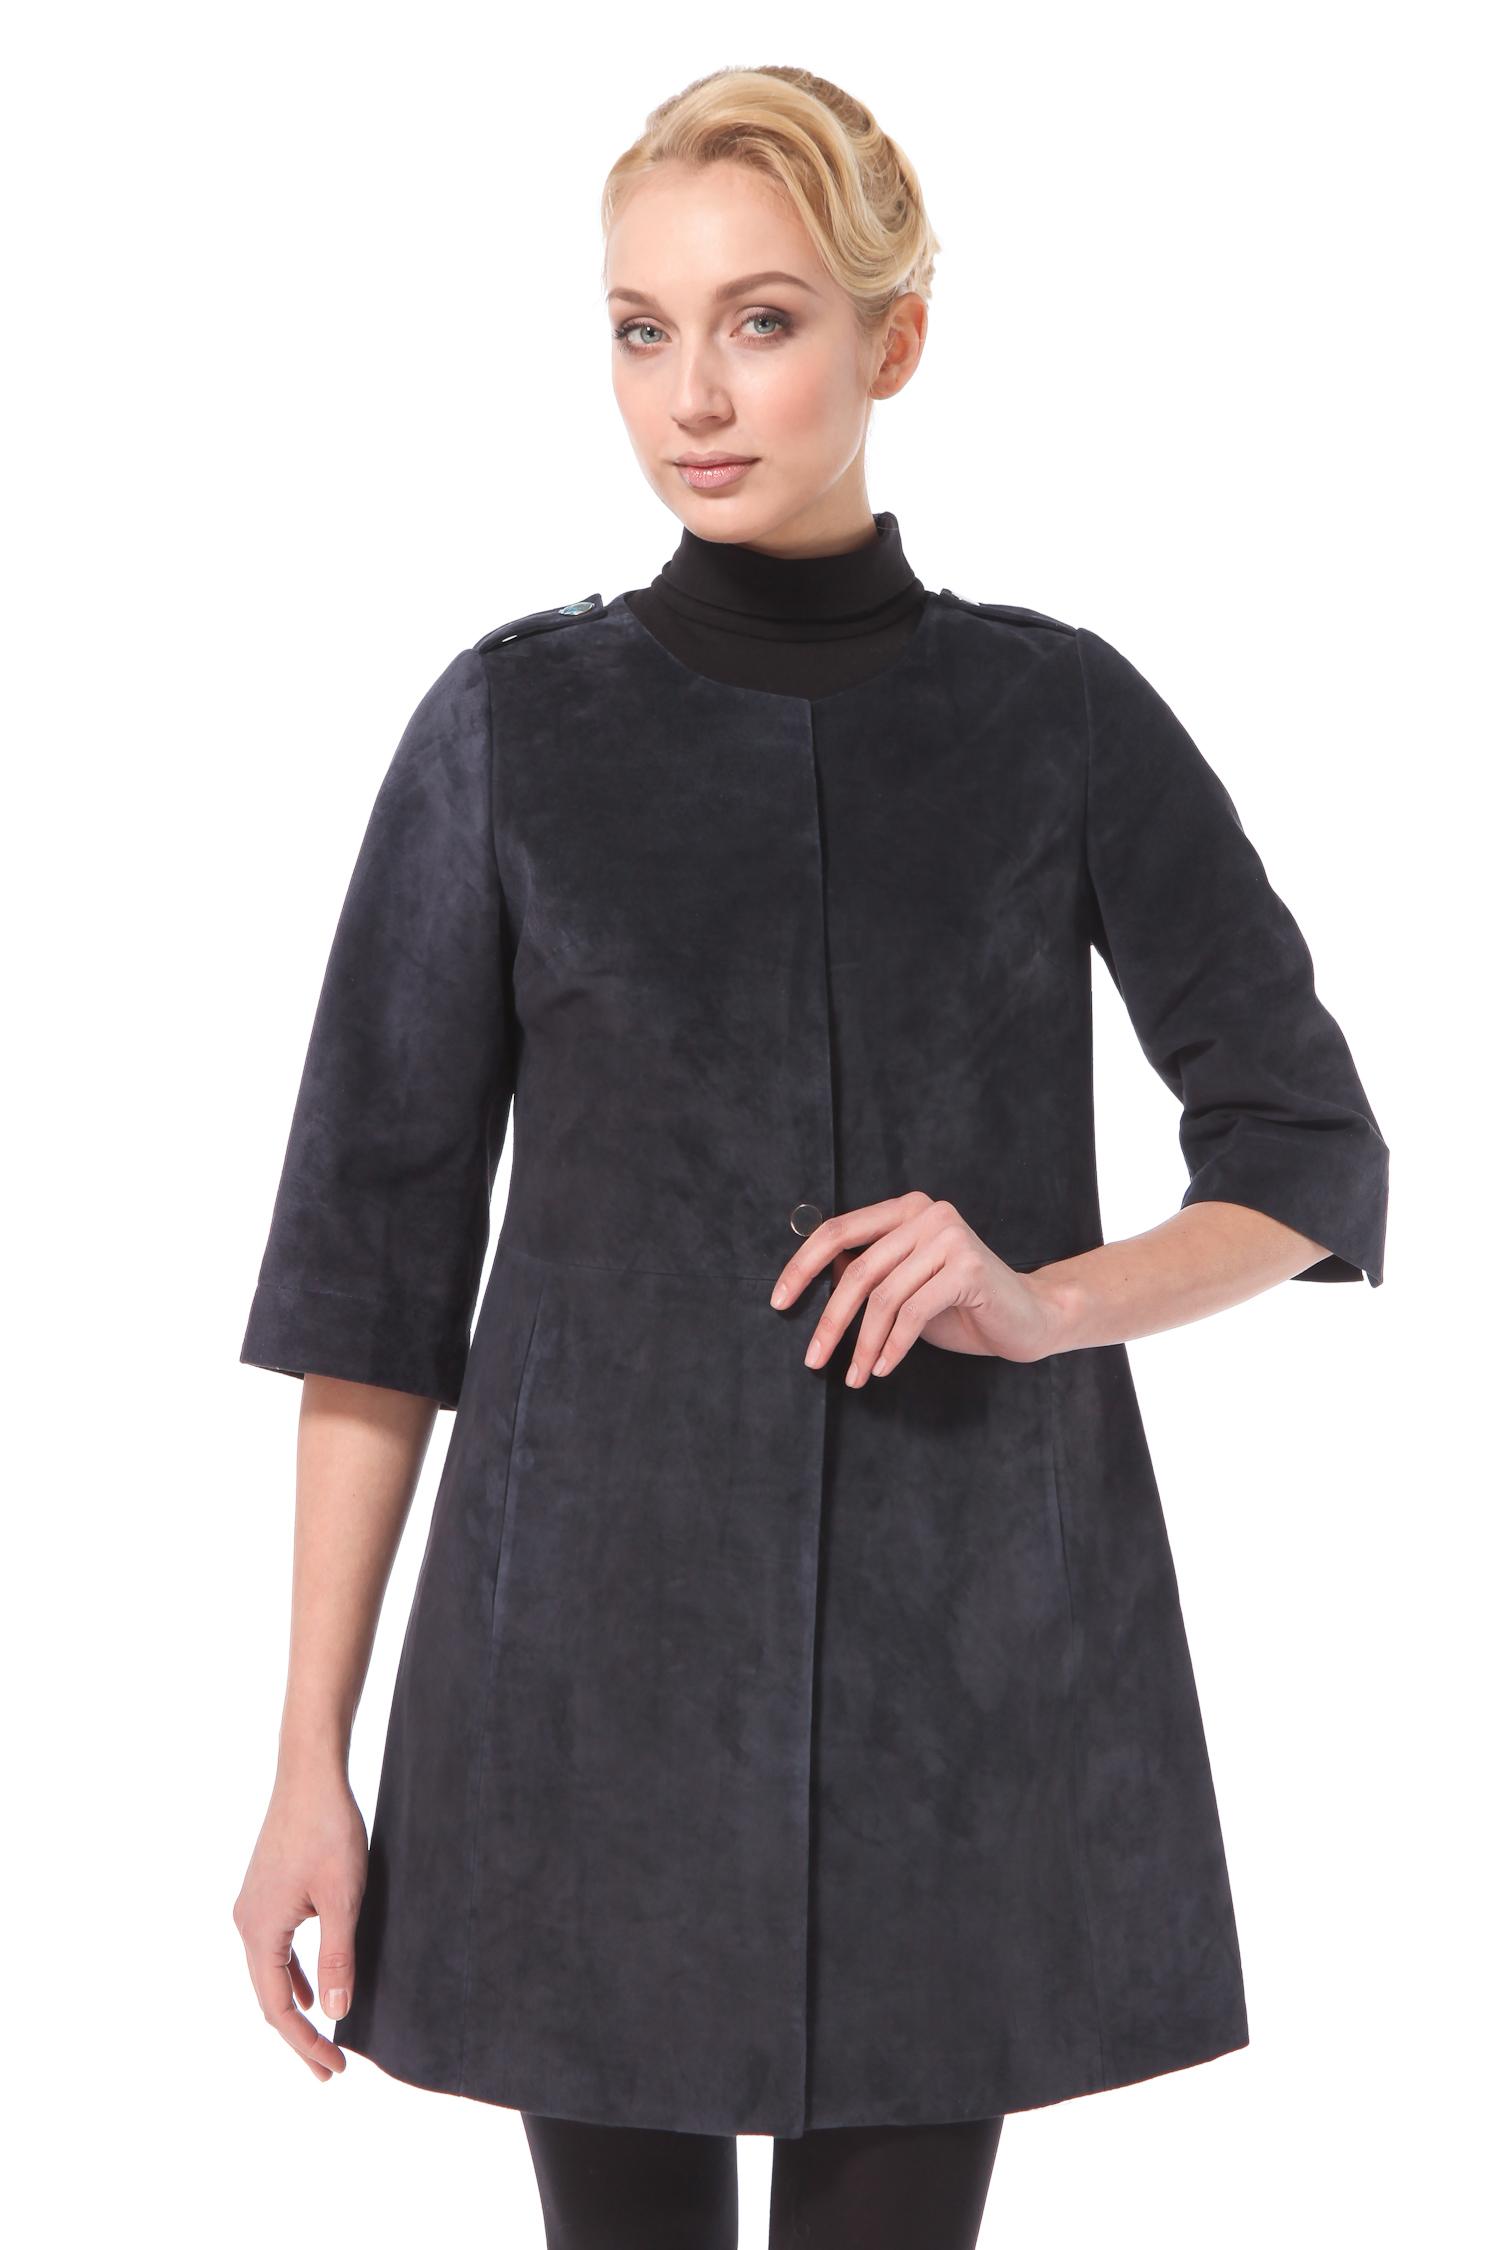 Женское кожаное пальто из натуральной замши с воротником, без отделки<br><br>Длина см: Длинная (свыше 90)<br>Материал: Замша<br>Цвет: синий<br>Пол: Женский<br>Размер RU: 52